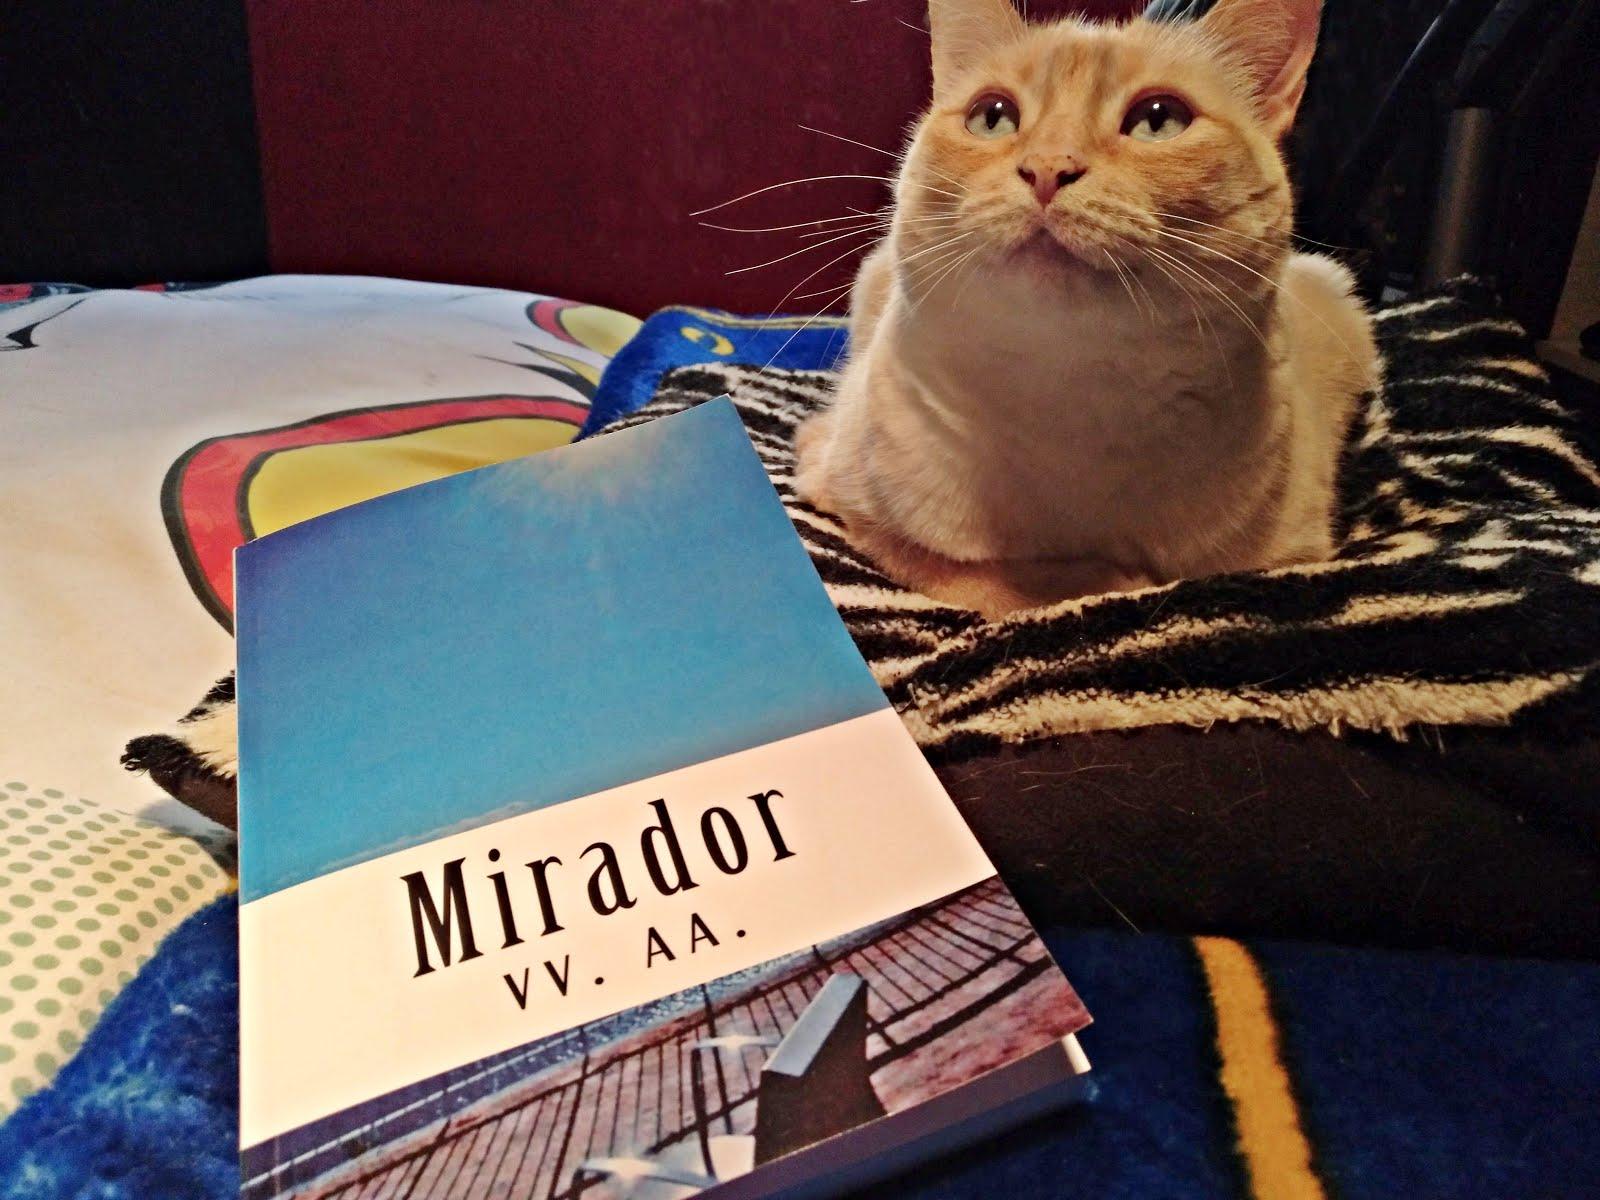 Mirador (Auroratris, Clarisa Tomás, Nino Ortea, Athenea, Livy, Xan Do Río)